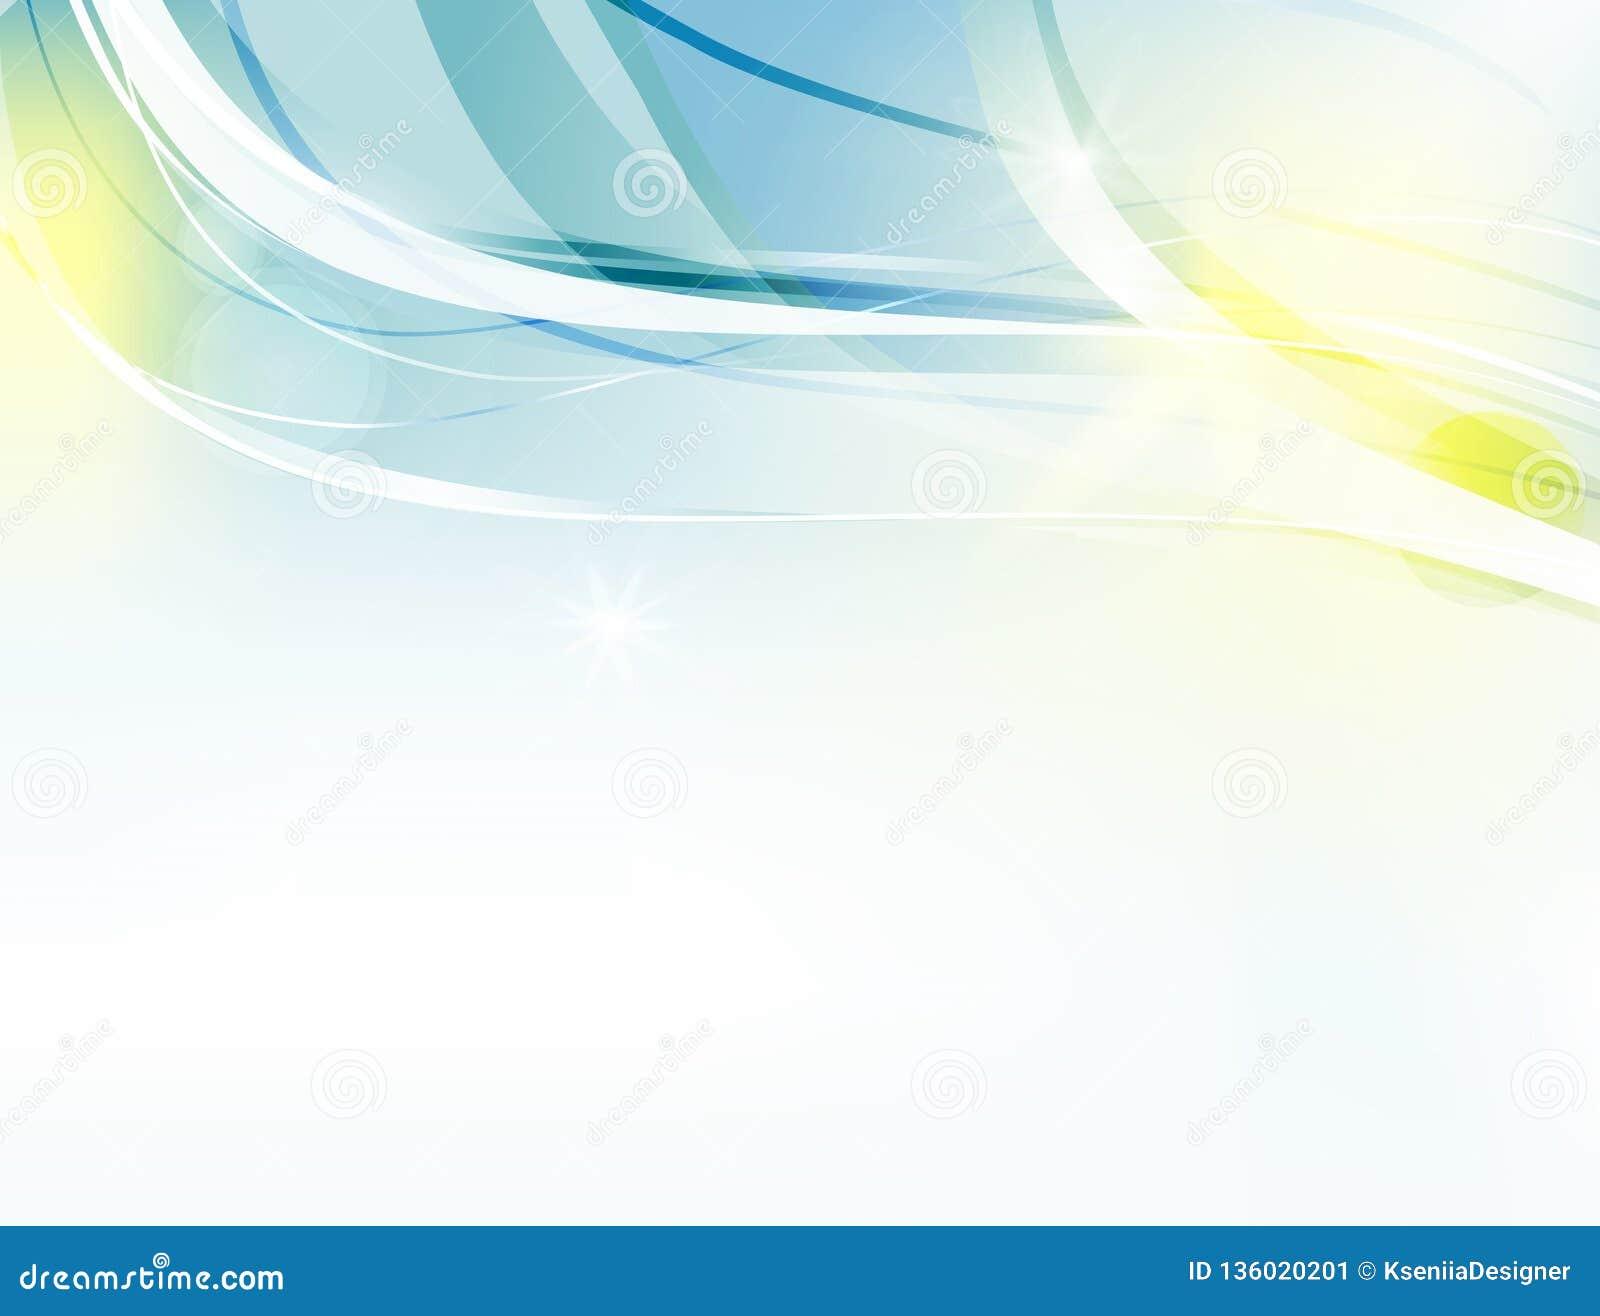 Fundo abstrato do vetor Ondas curvadas brilhantes para anunciar Linhas de incandescência